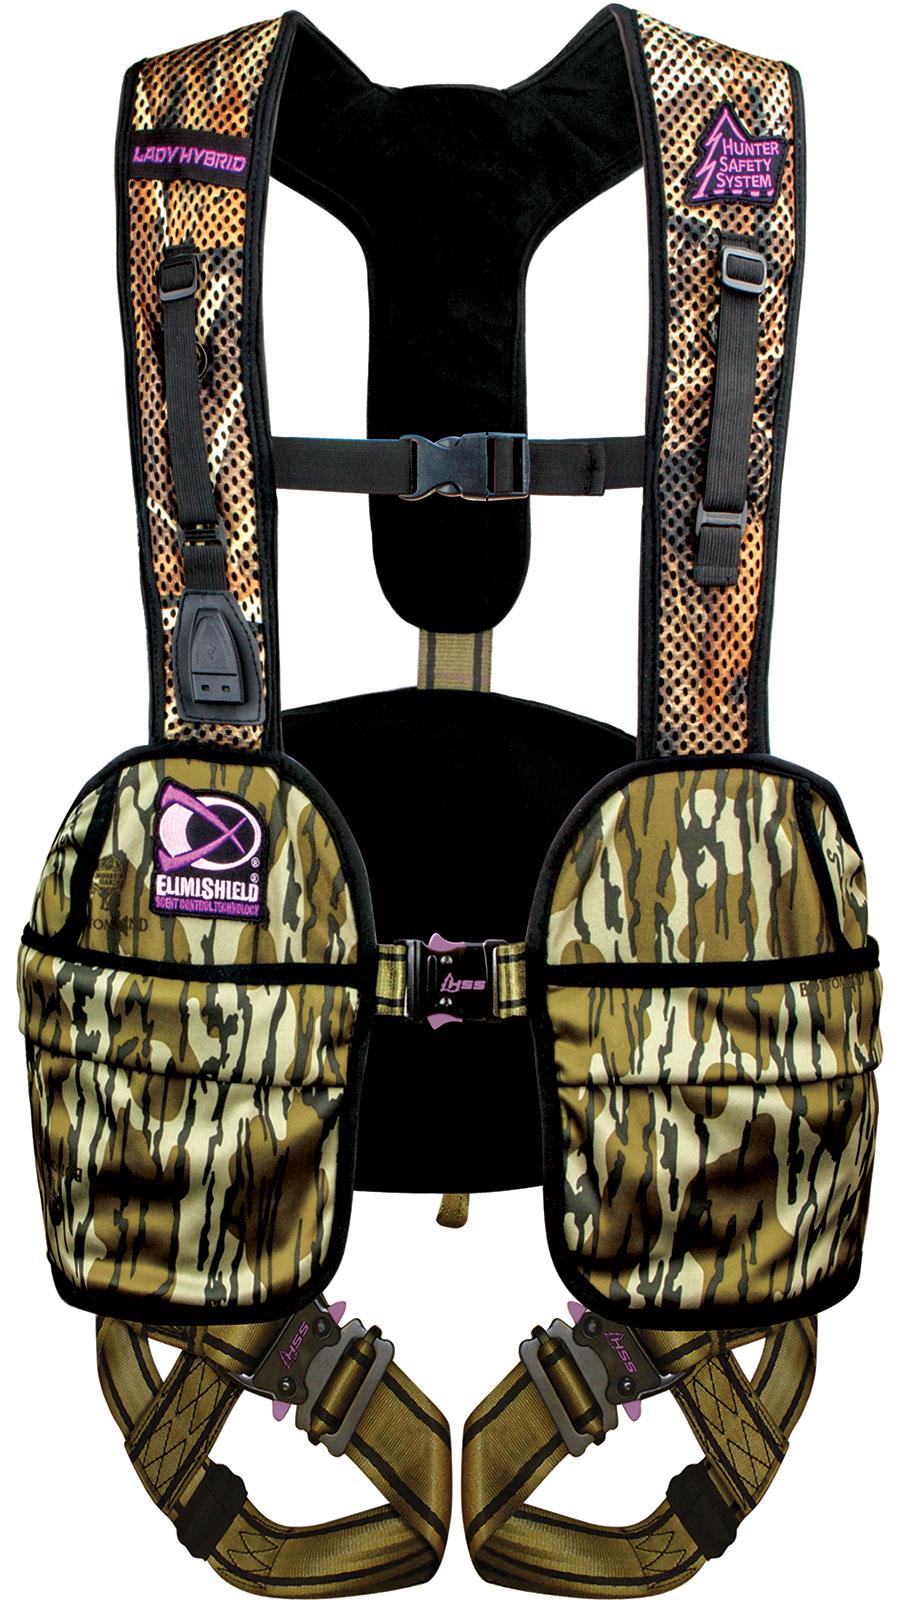 Hunter Safety System LADY-M M/L MO Lady Hybrid Safety Harness